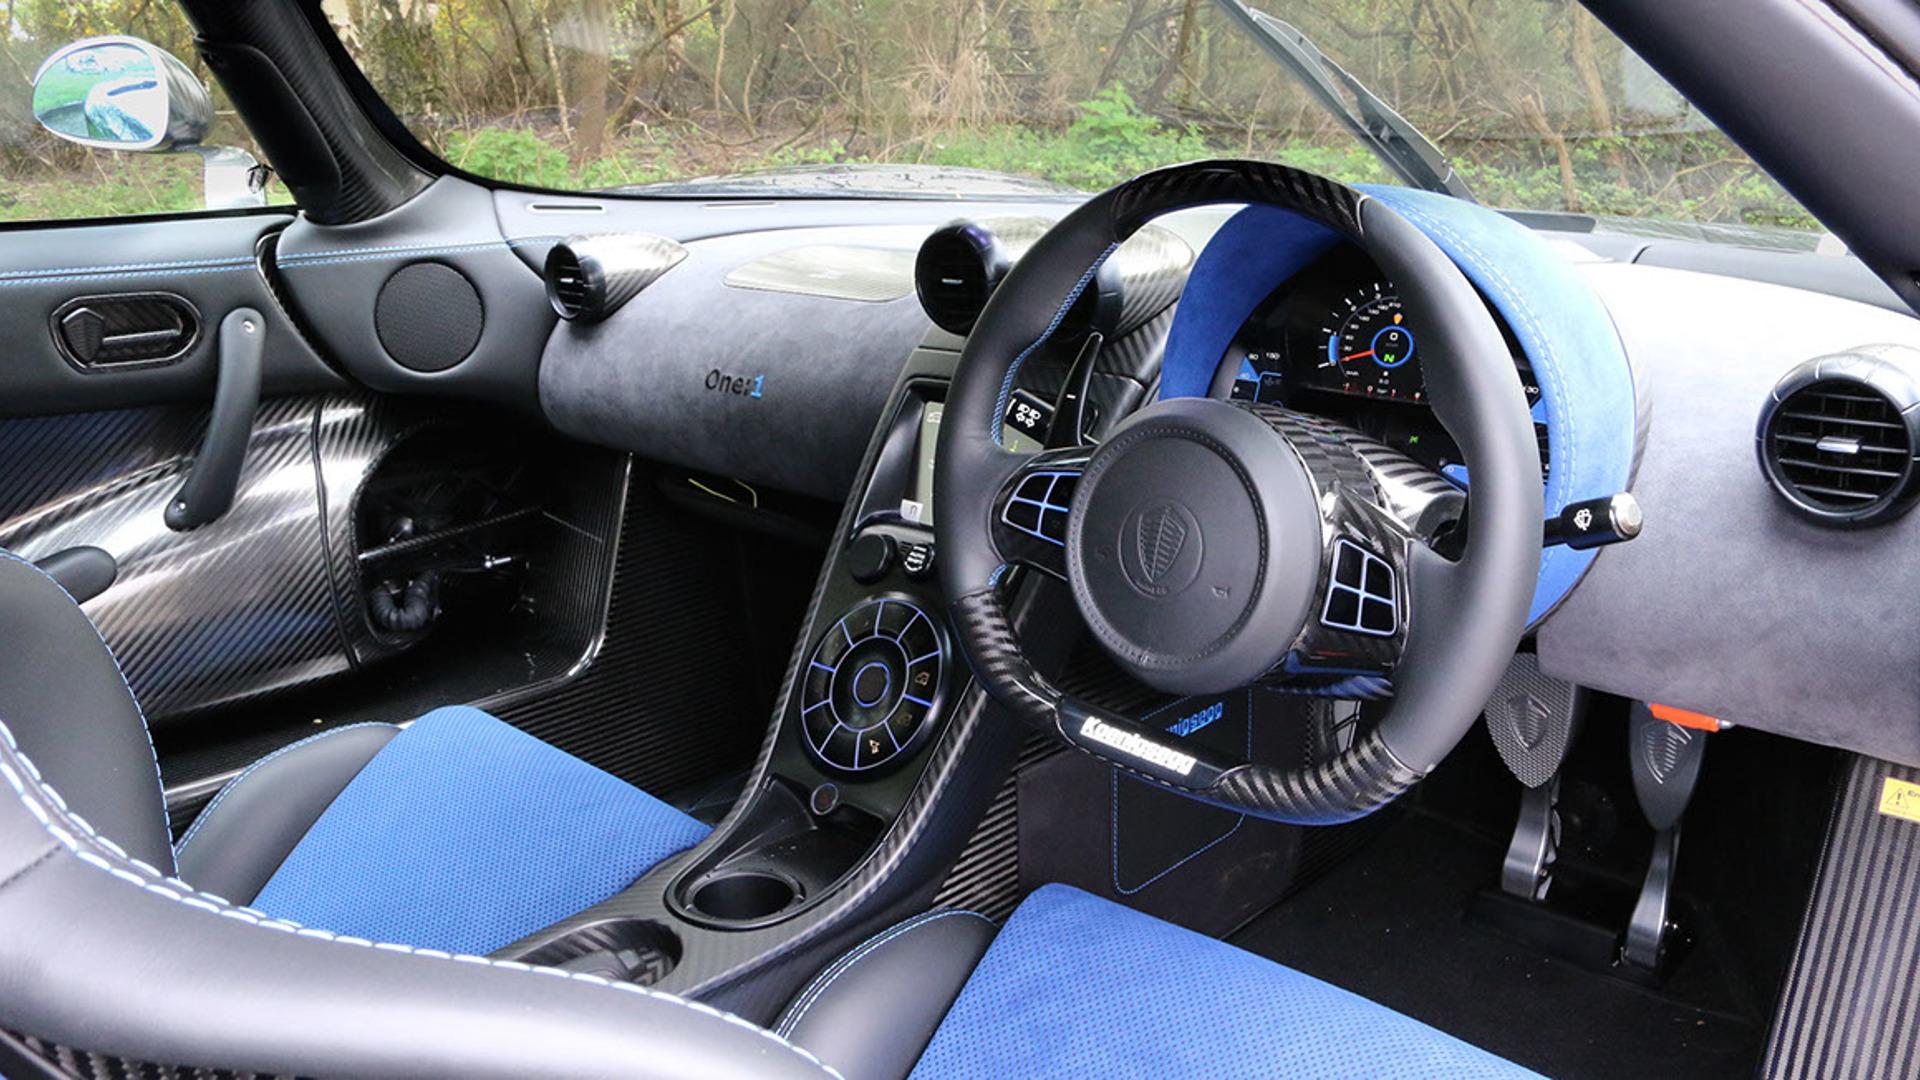 Xe cũ hàng hiếm Koenigsegg One:1 rao giá kỷ lục 167 tỷ đồng